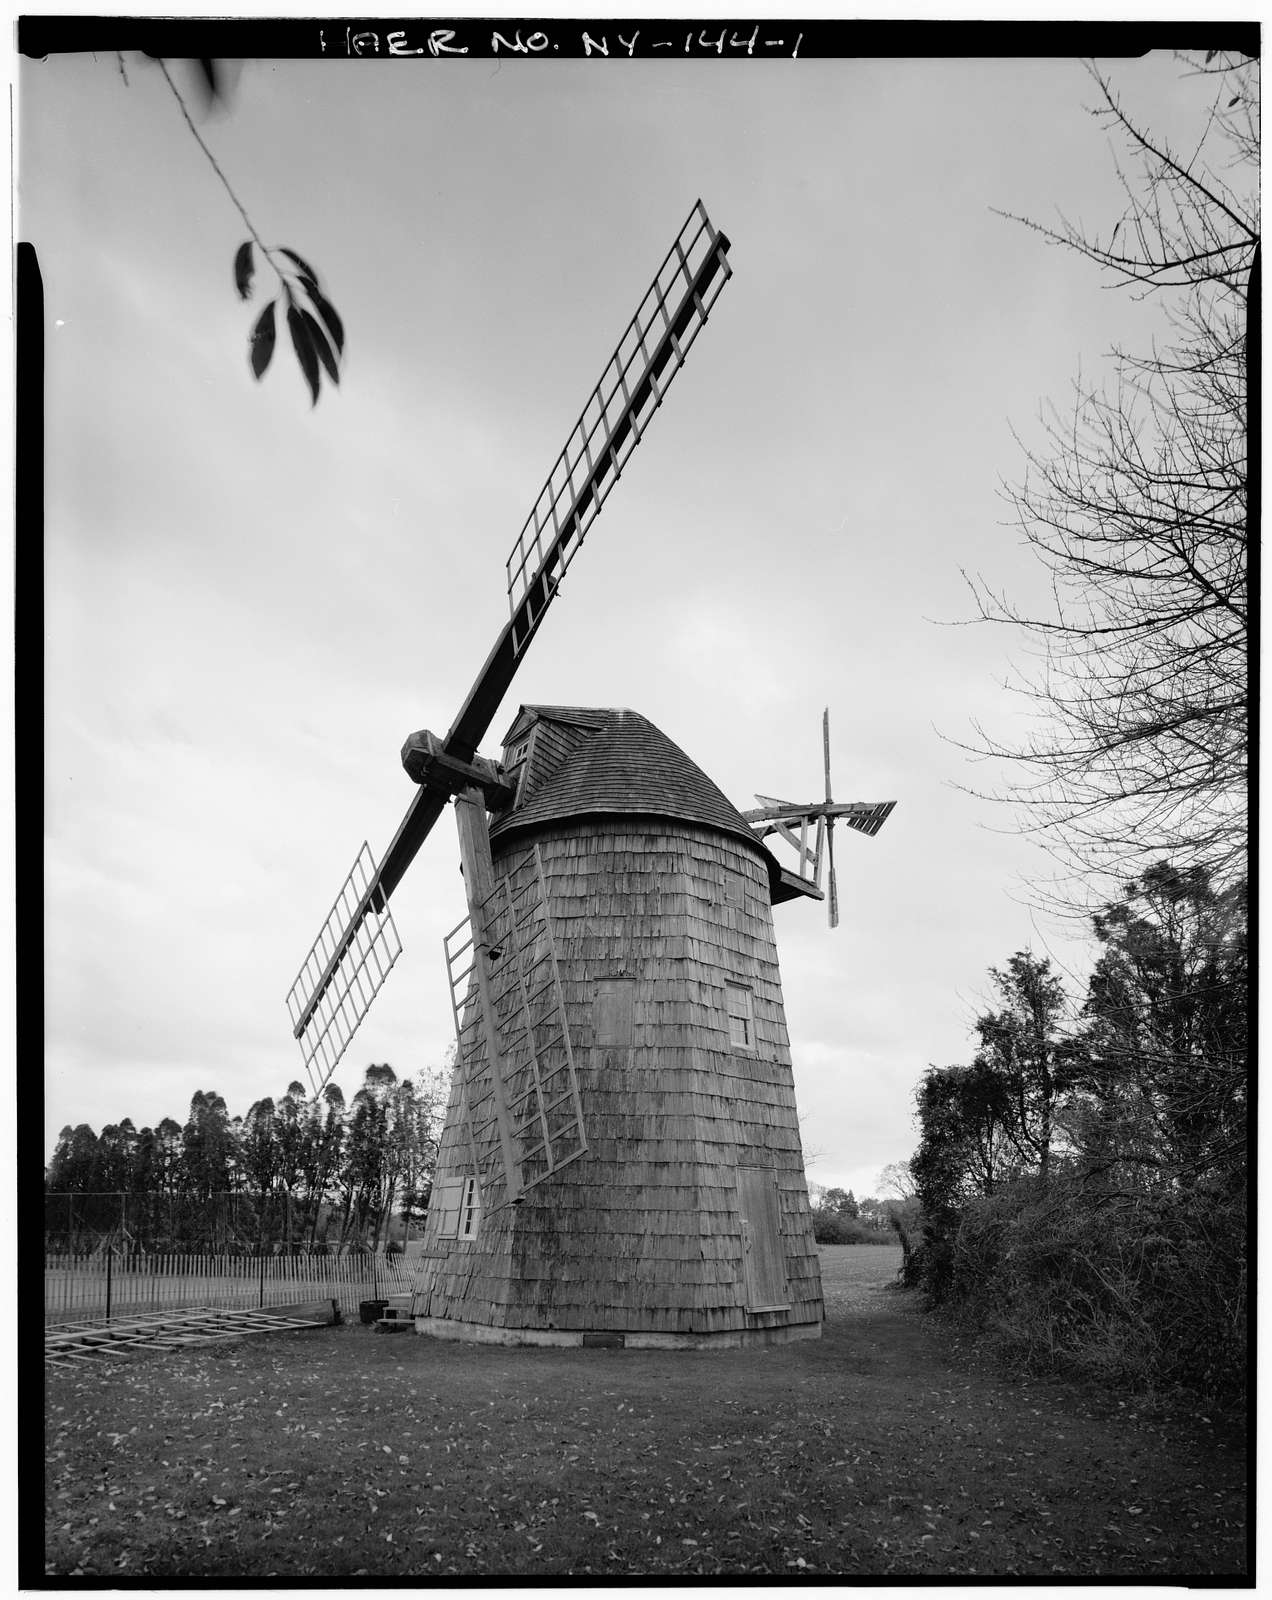 Wainscott Windmill, Village of Wainscott, East Hampton, Suffolk County, NY